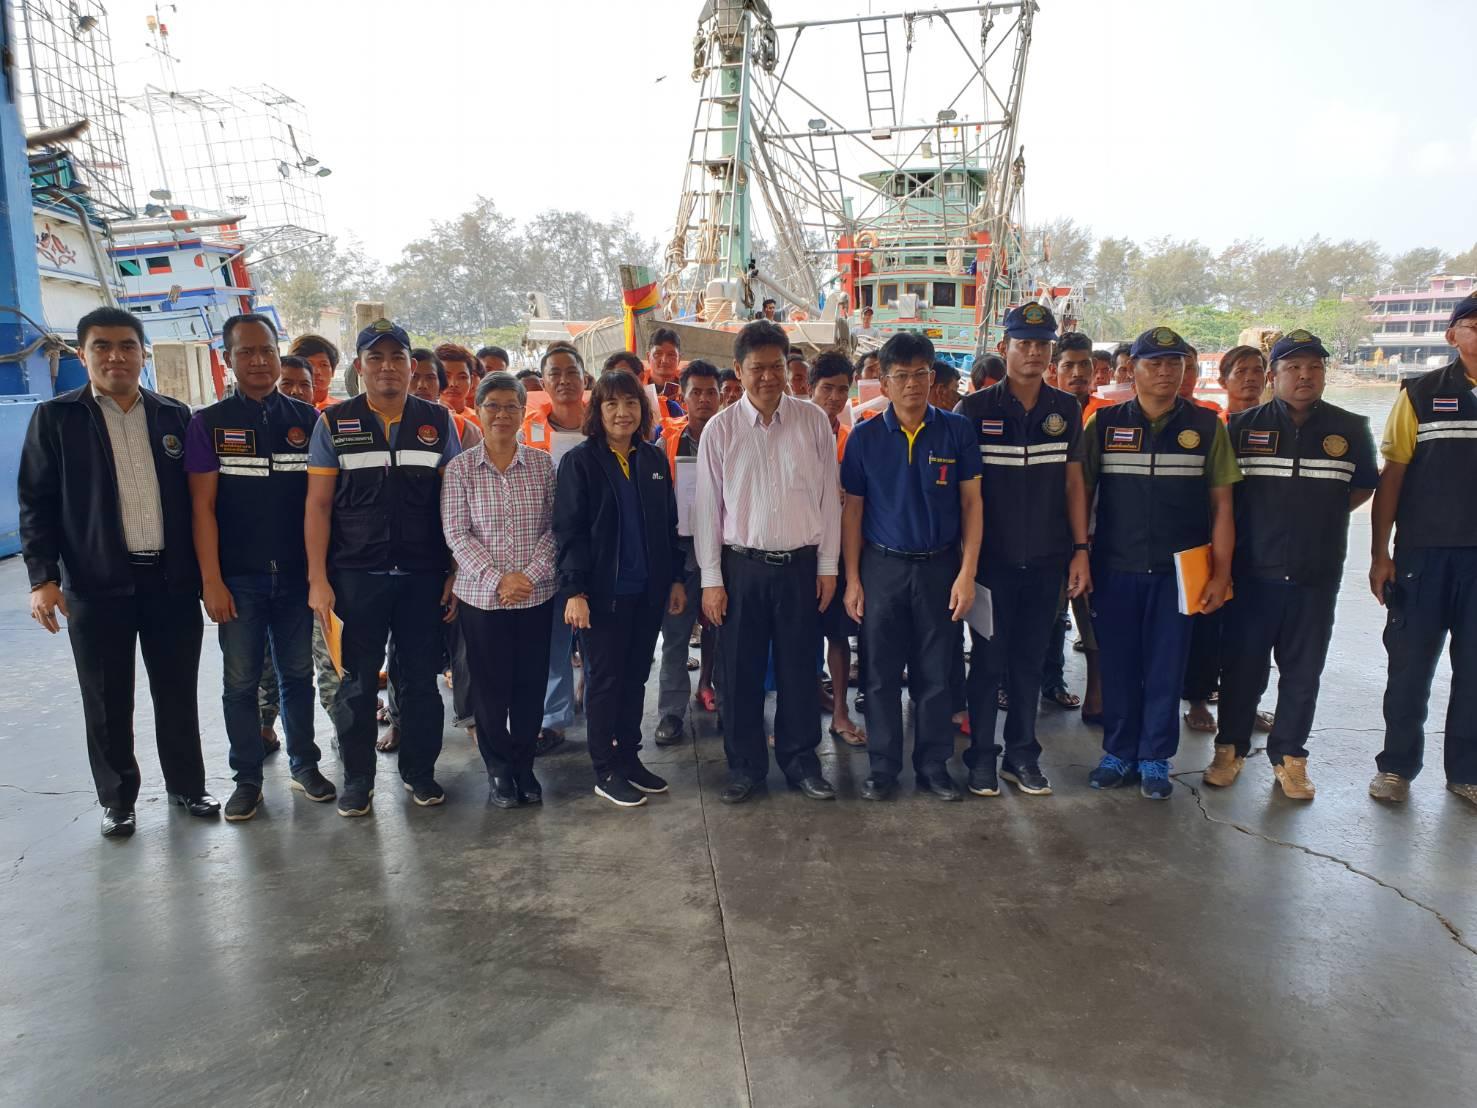 ผู้ตรวจราชการกระทรวงแรงงาน ตรวจเยี่ยมศูนย์ควบคุมการแจ้งเข้า-ออก เรือประมง (PIPO) ระยอง